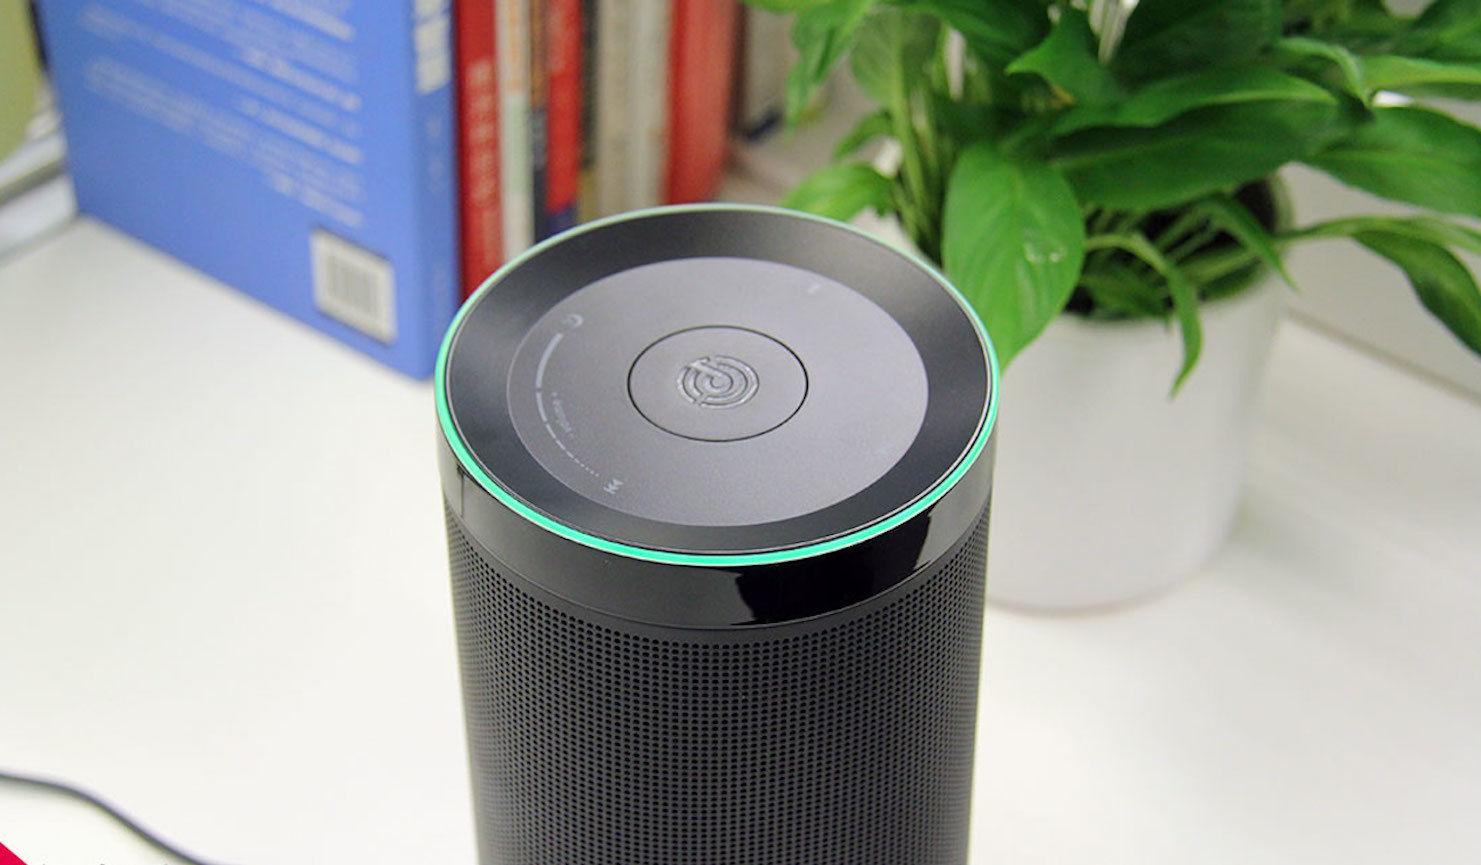 京东打造「语音购物」,「多快好省」的背后是怎样的技术变革?